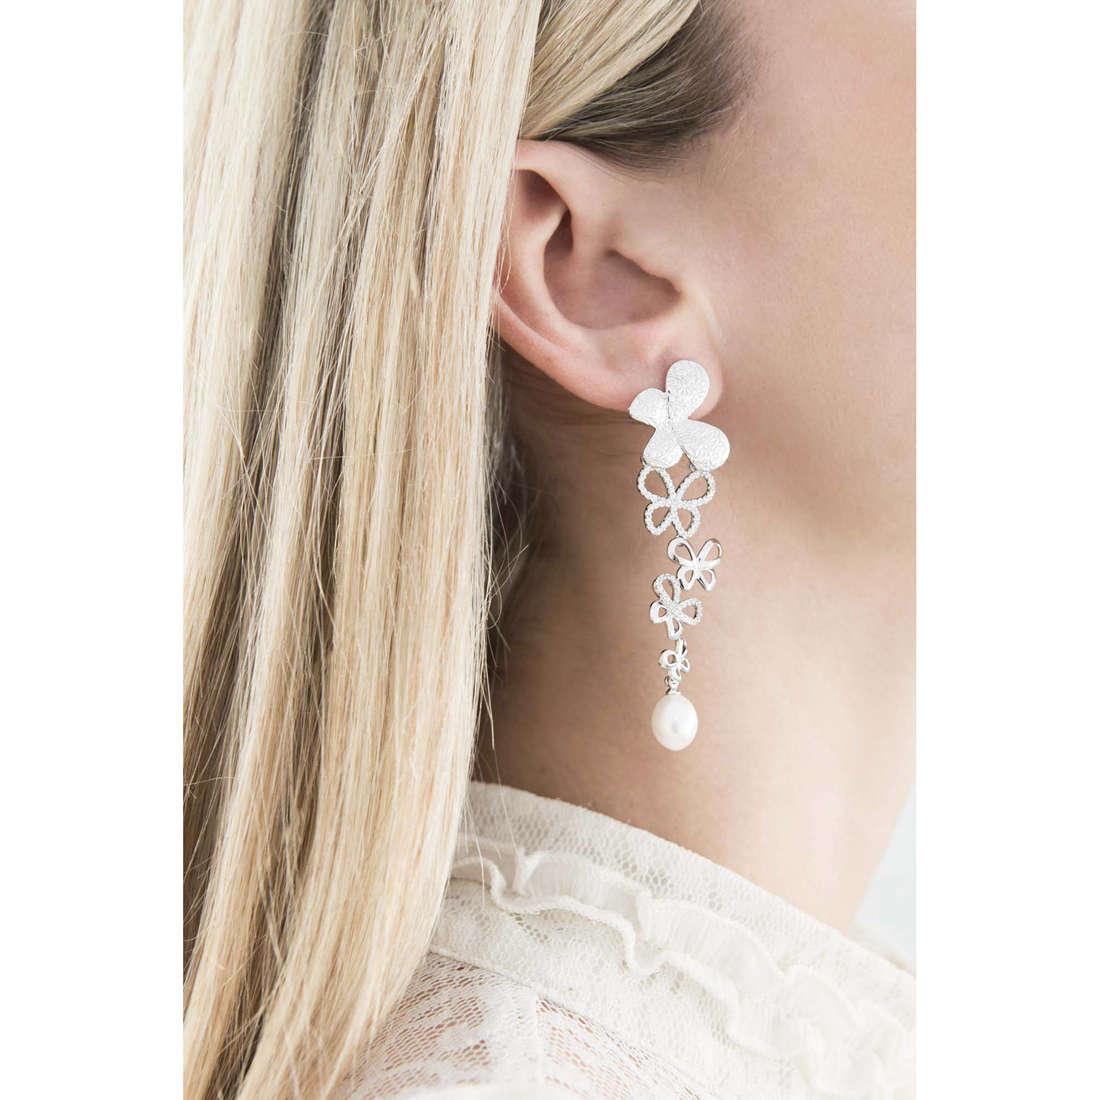 Comete boucles d'oreille Farfalle femme ORA 108 indosso